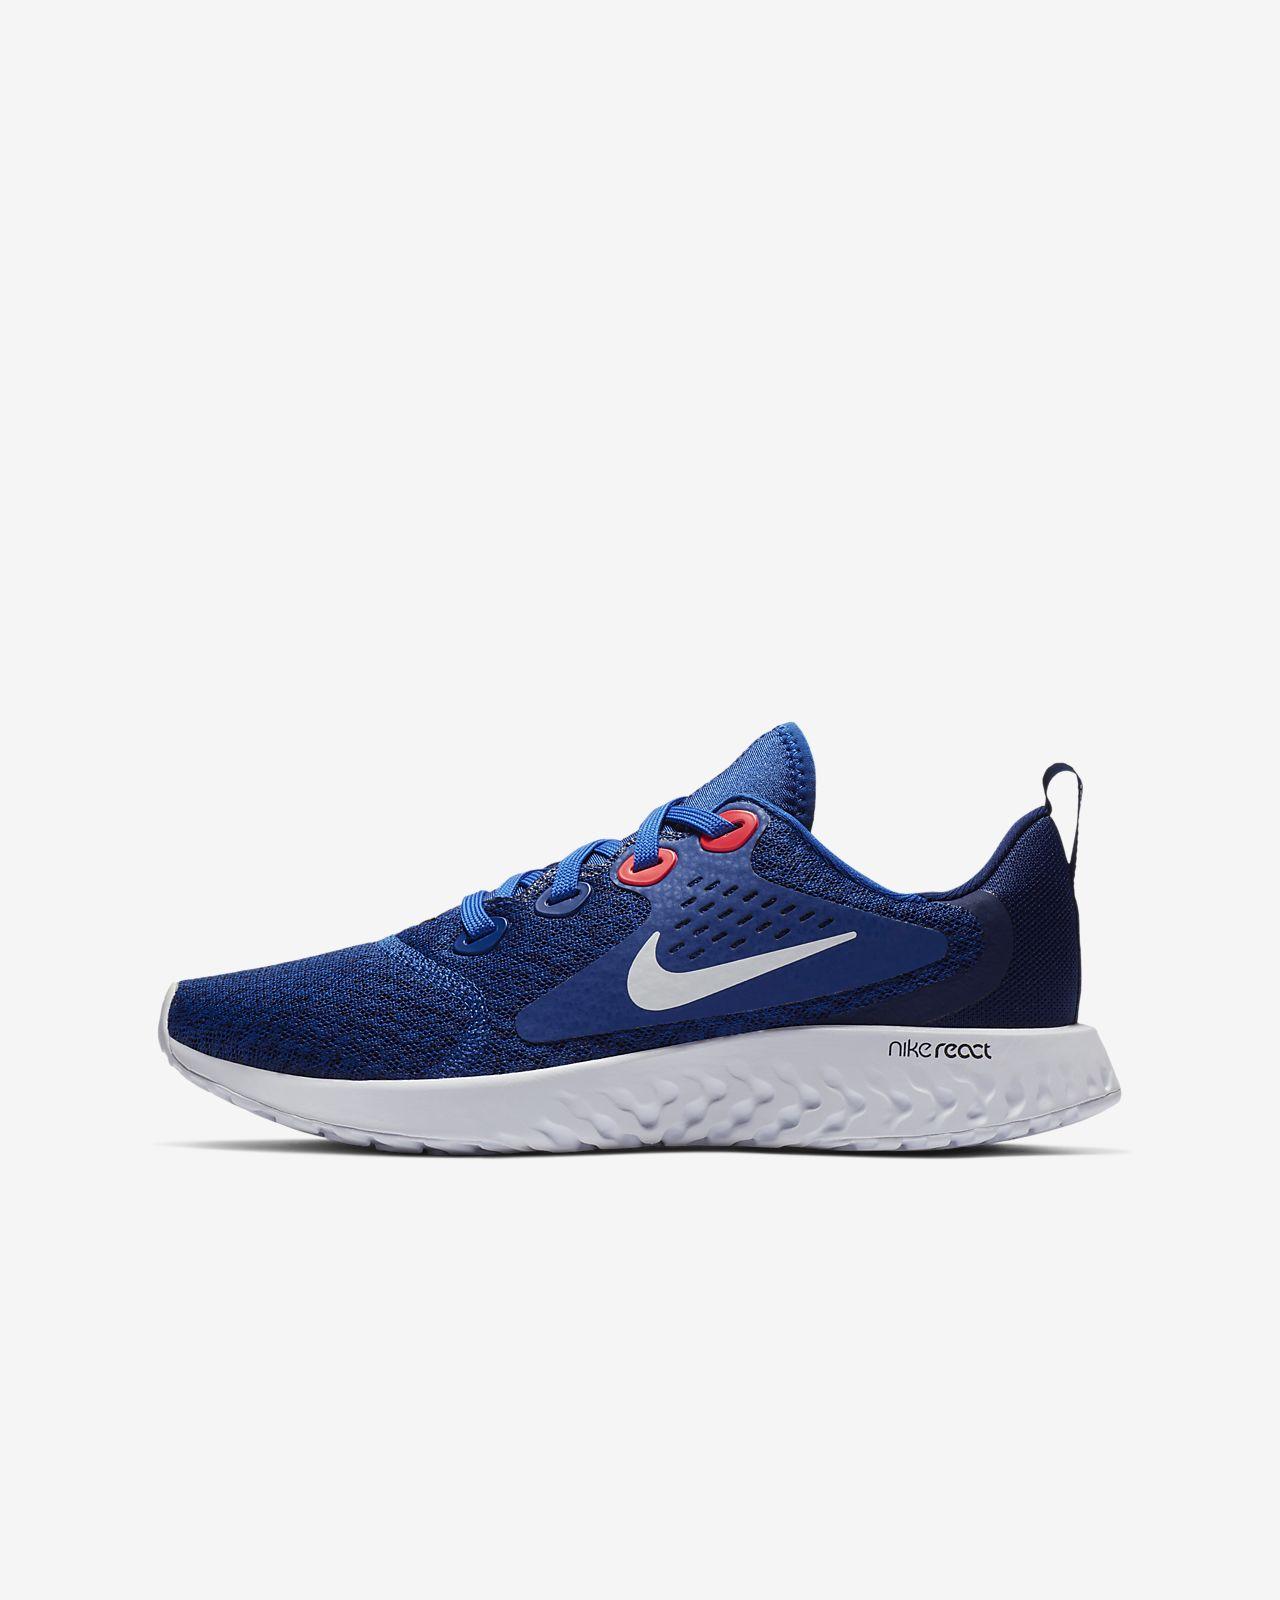 Běžecká bota Nike Legend React pro větší děti